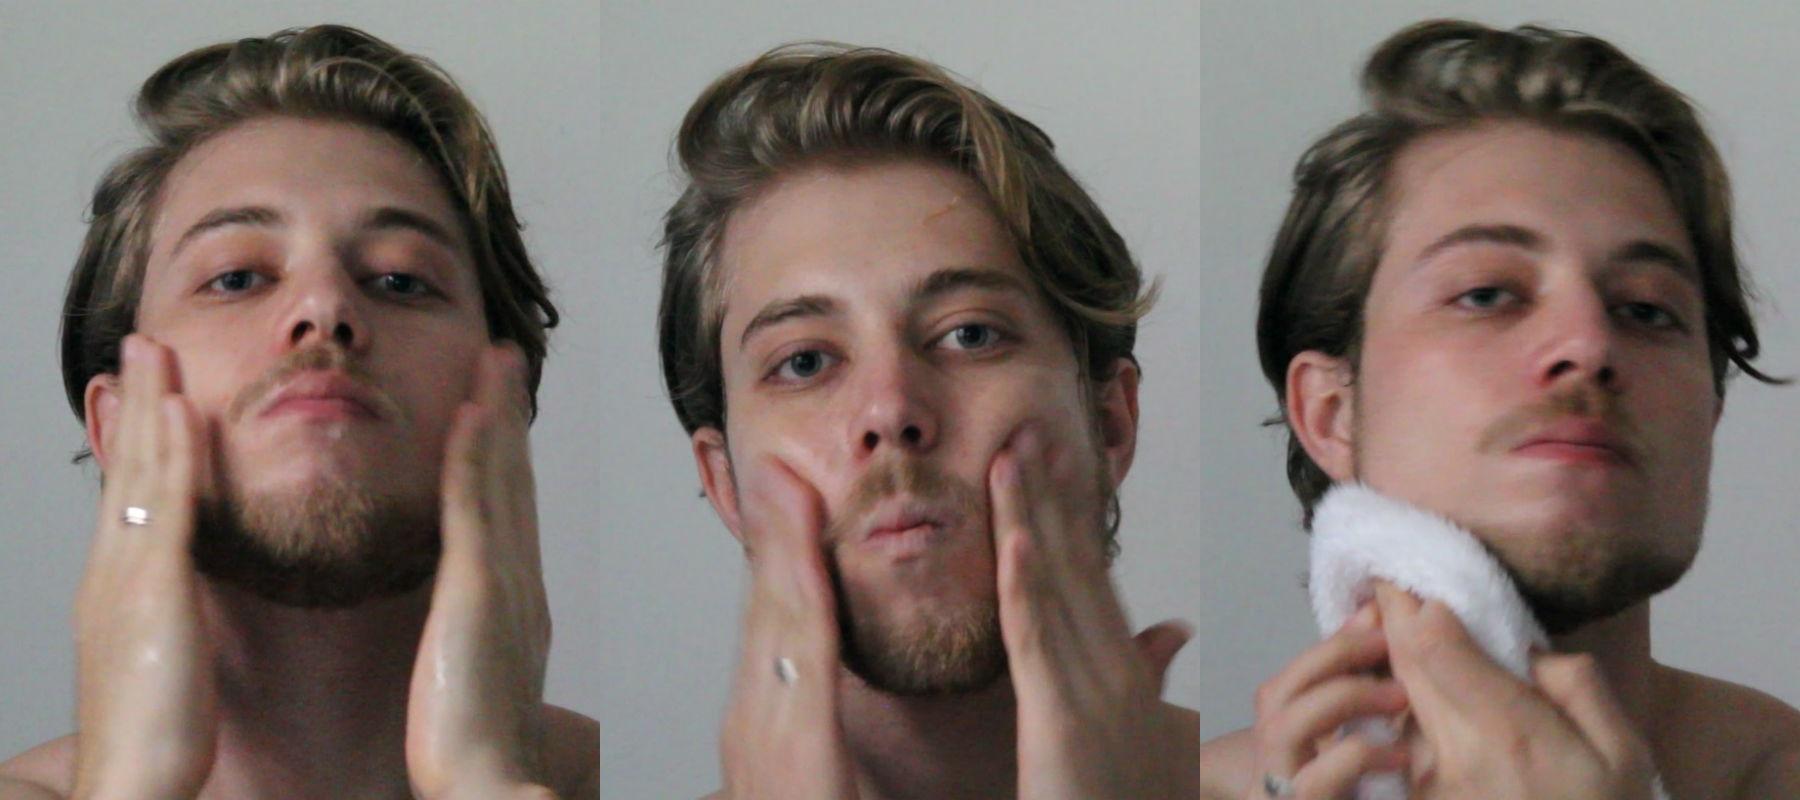 Homem No Espelho - Cuidados masculinos com a pele do rosto-4